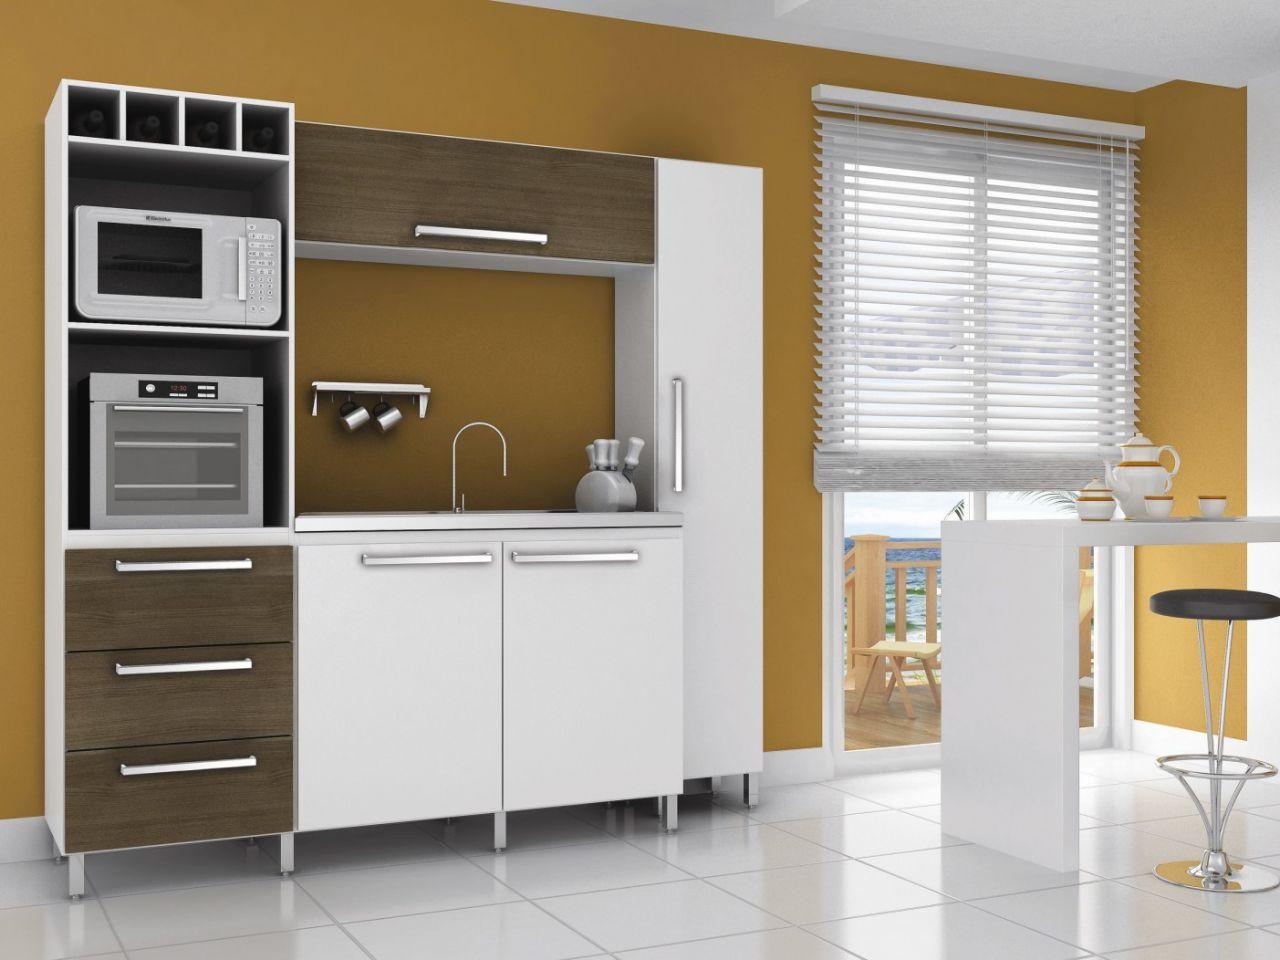 cozinha compacta carolina cor branco e teca móveis sul cozinha #8F6C35 1280 960